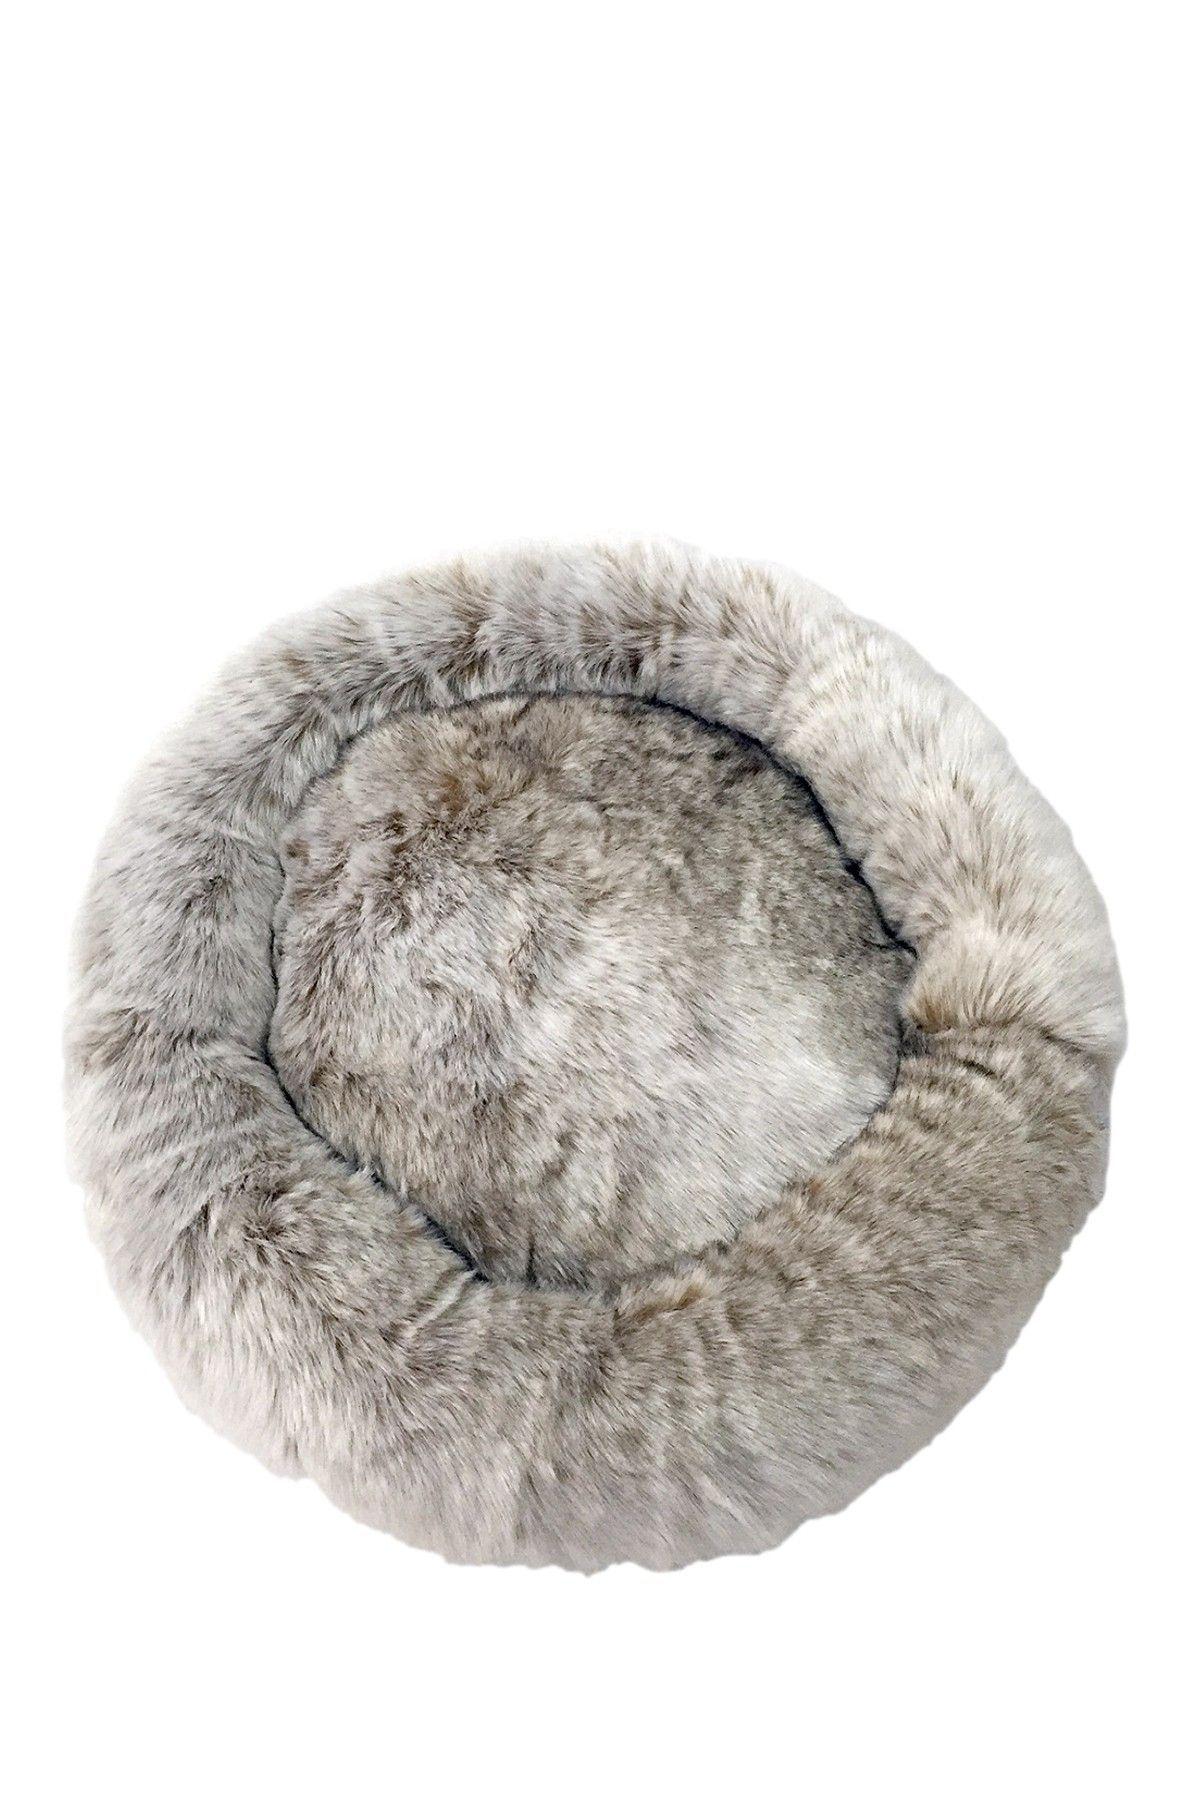 Faux Fur Pet Mat